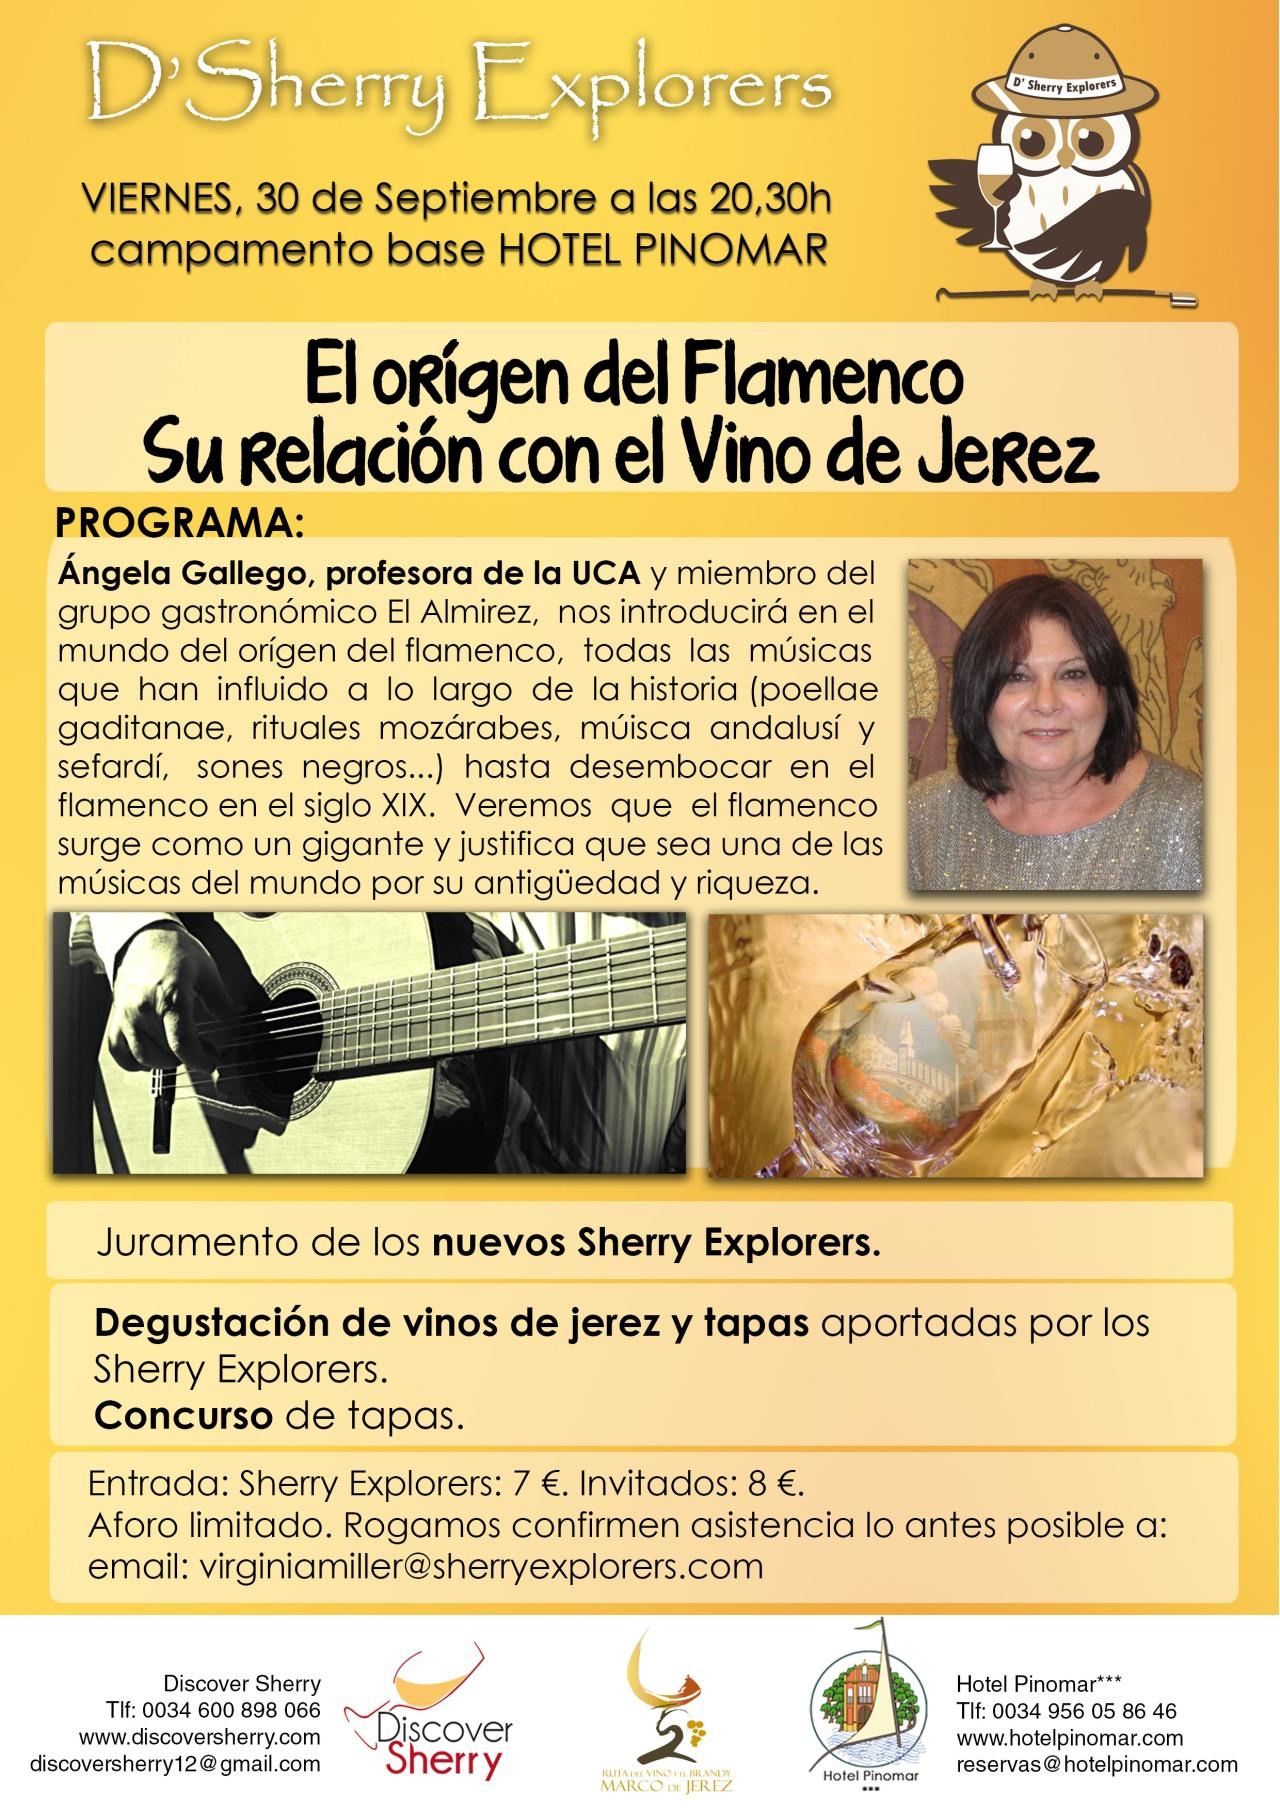 """""""El Origen del Flamenco. Su relación con el Vino de Jerez"""" en la próxima reunión de los Sherry Explorers / """"The Origin of Flamenco. It´s relationship with Sherry Wine."""" Next Sherry Explorers´meeting."""